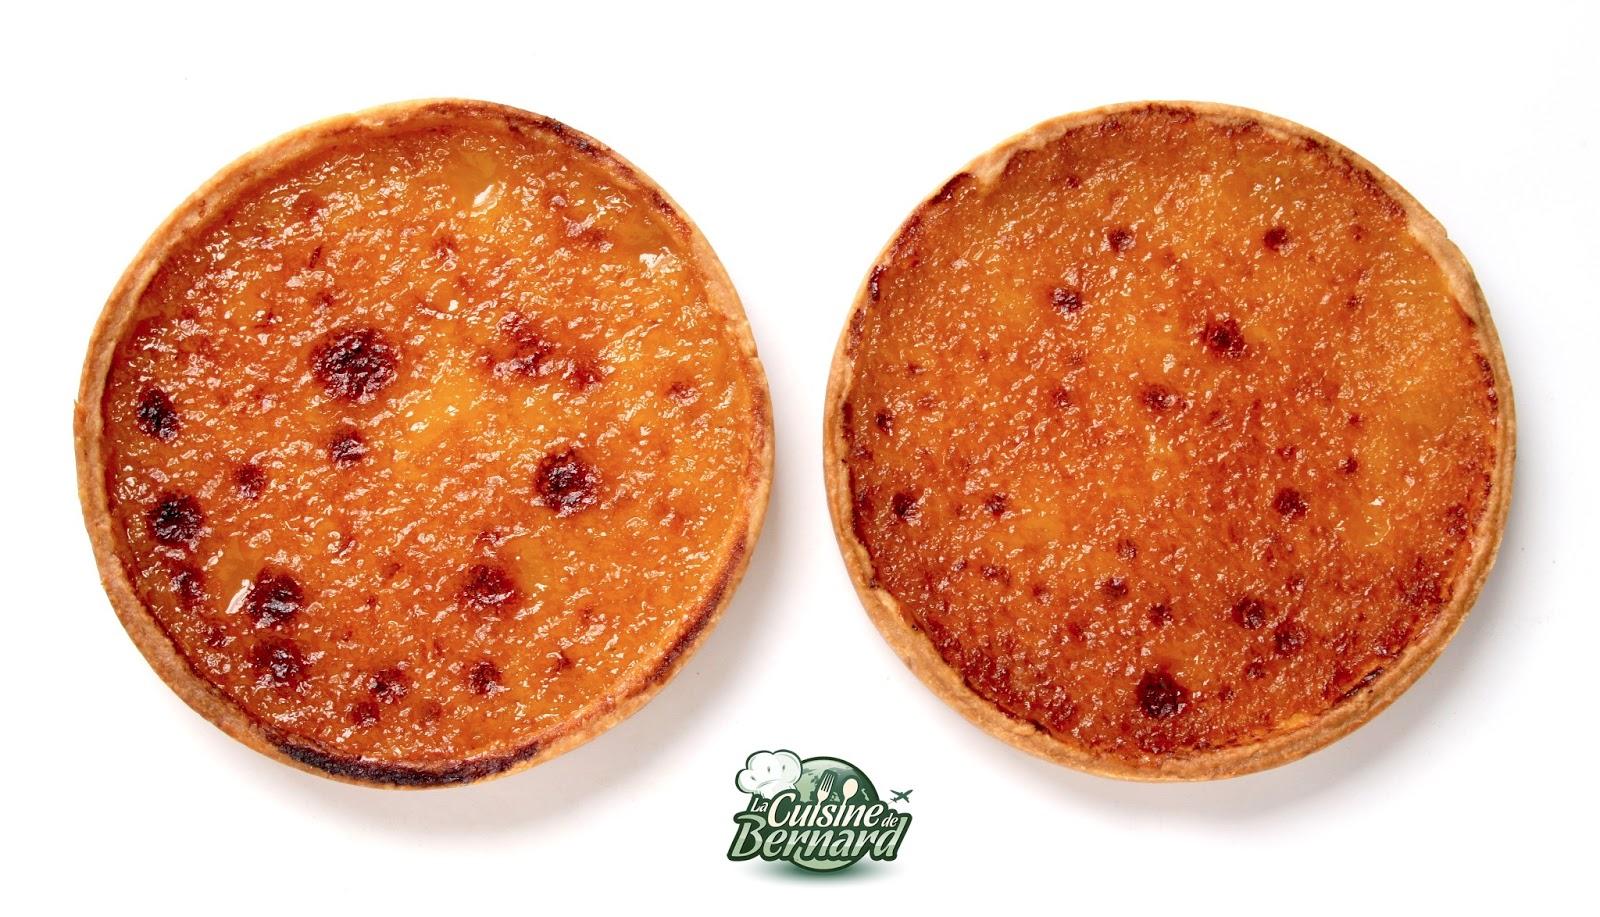 La cuisine de bernard tarte au citron la cr me cuite - Tarte au citron herve cuisine ...